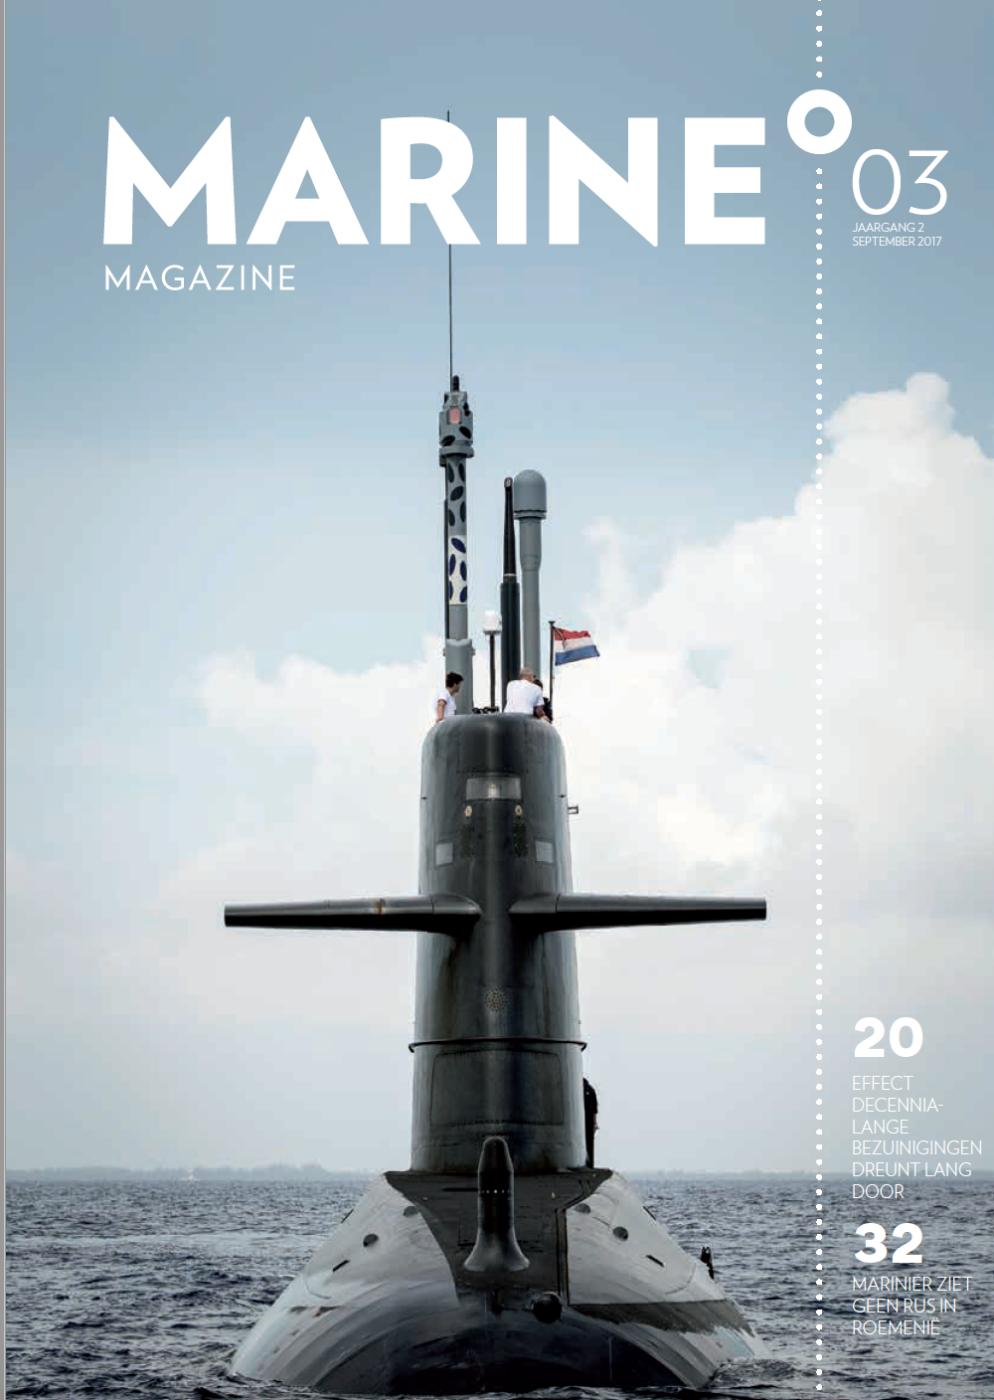 Tweede Marine Magazine van 2017